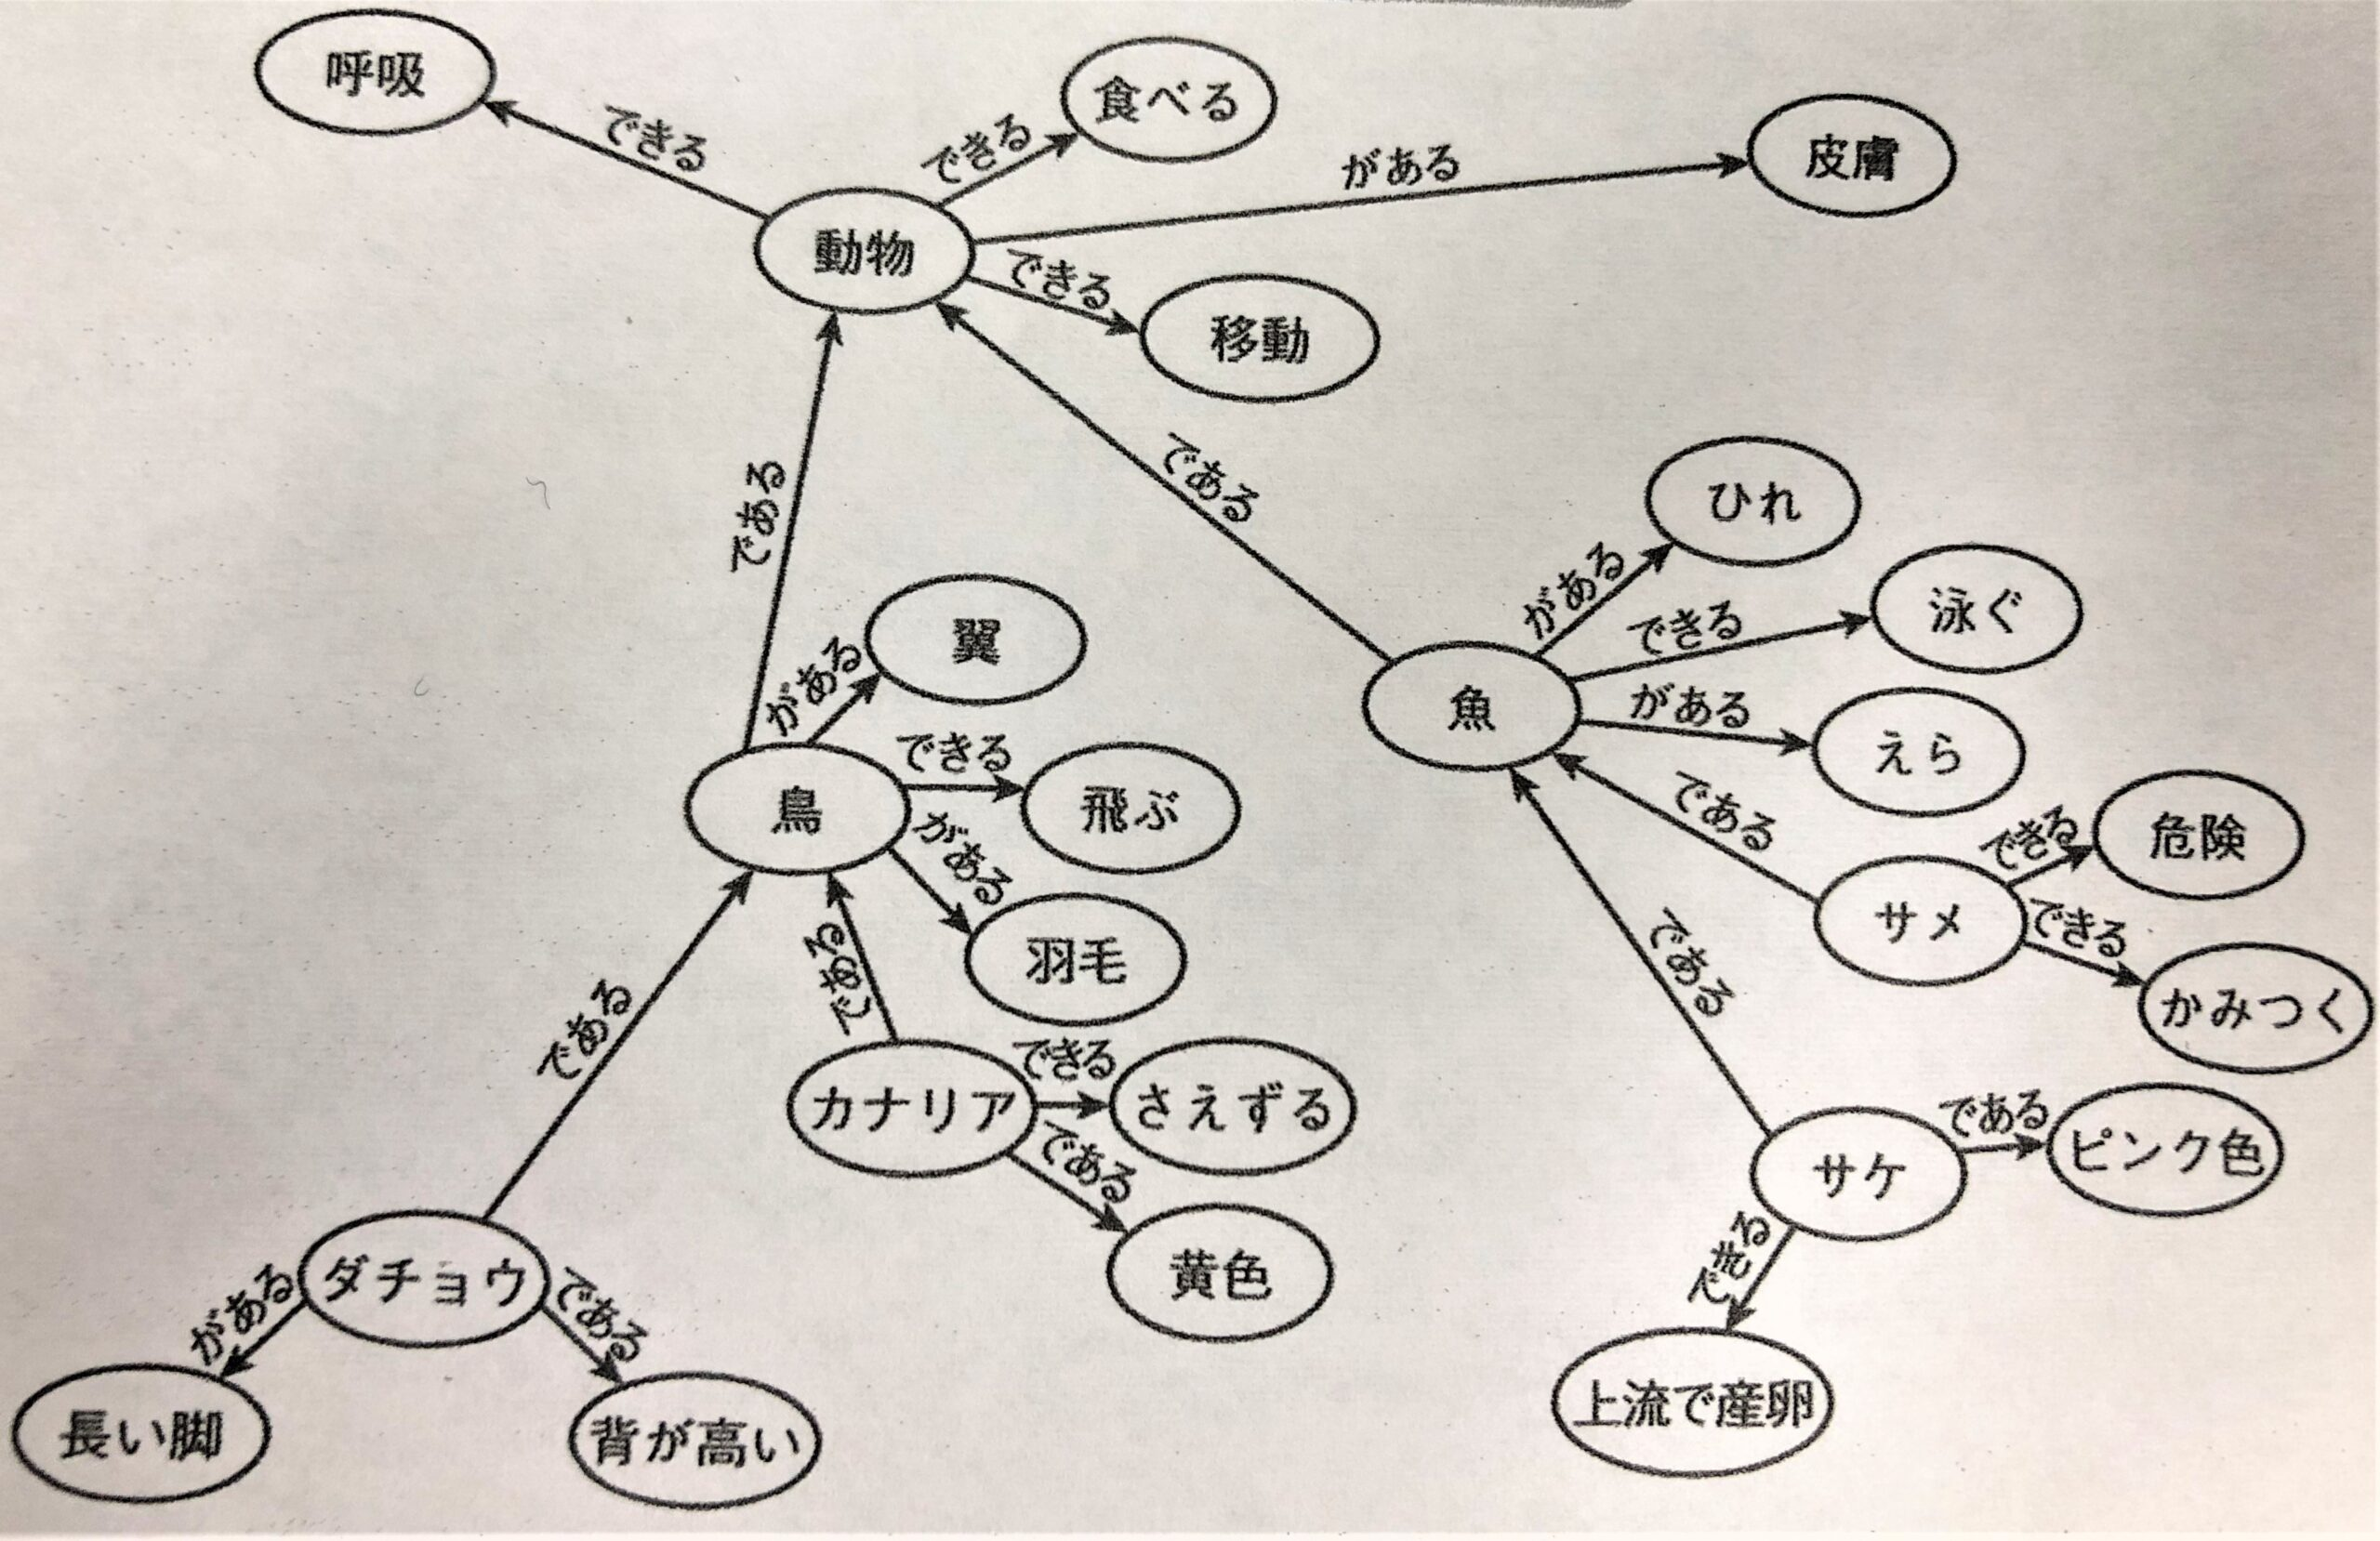 活性化拡散モデルによる知識構造の例